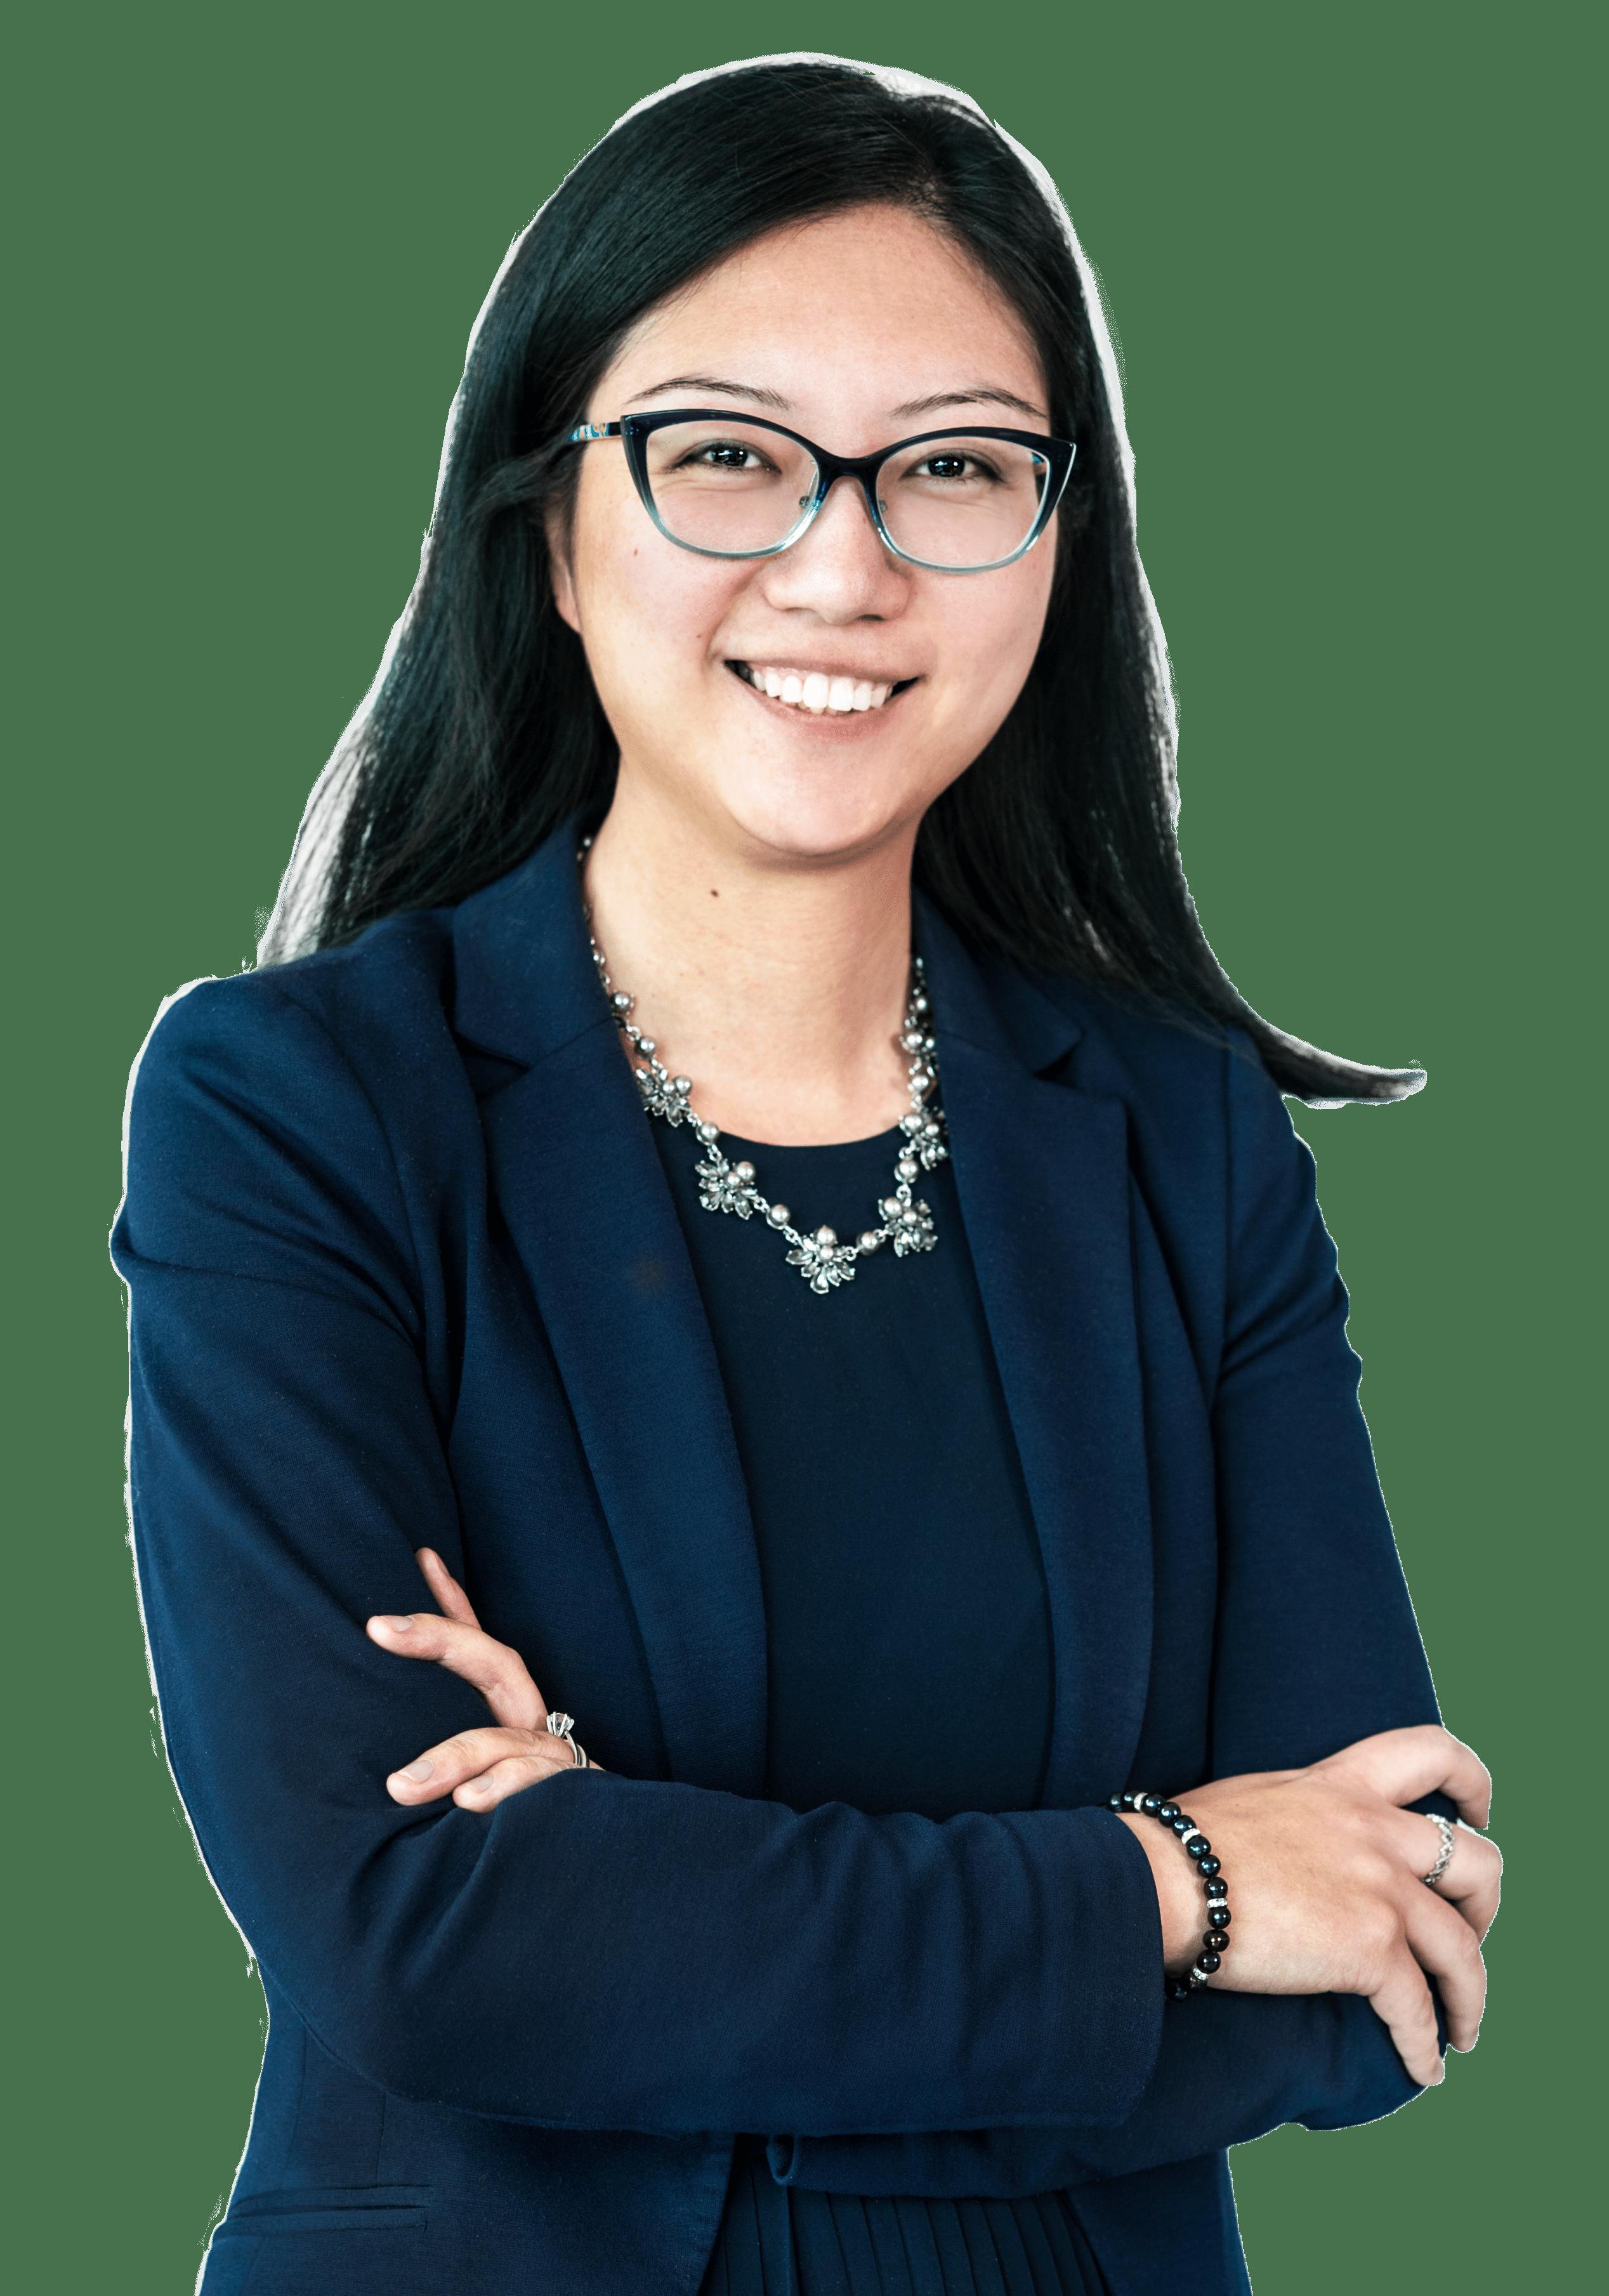 Cindy Qin Ji Zheng